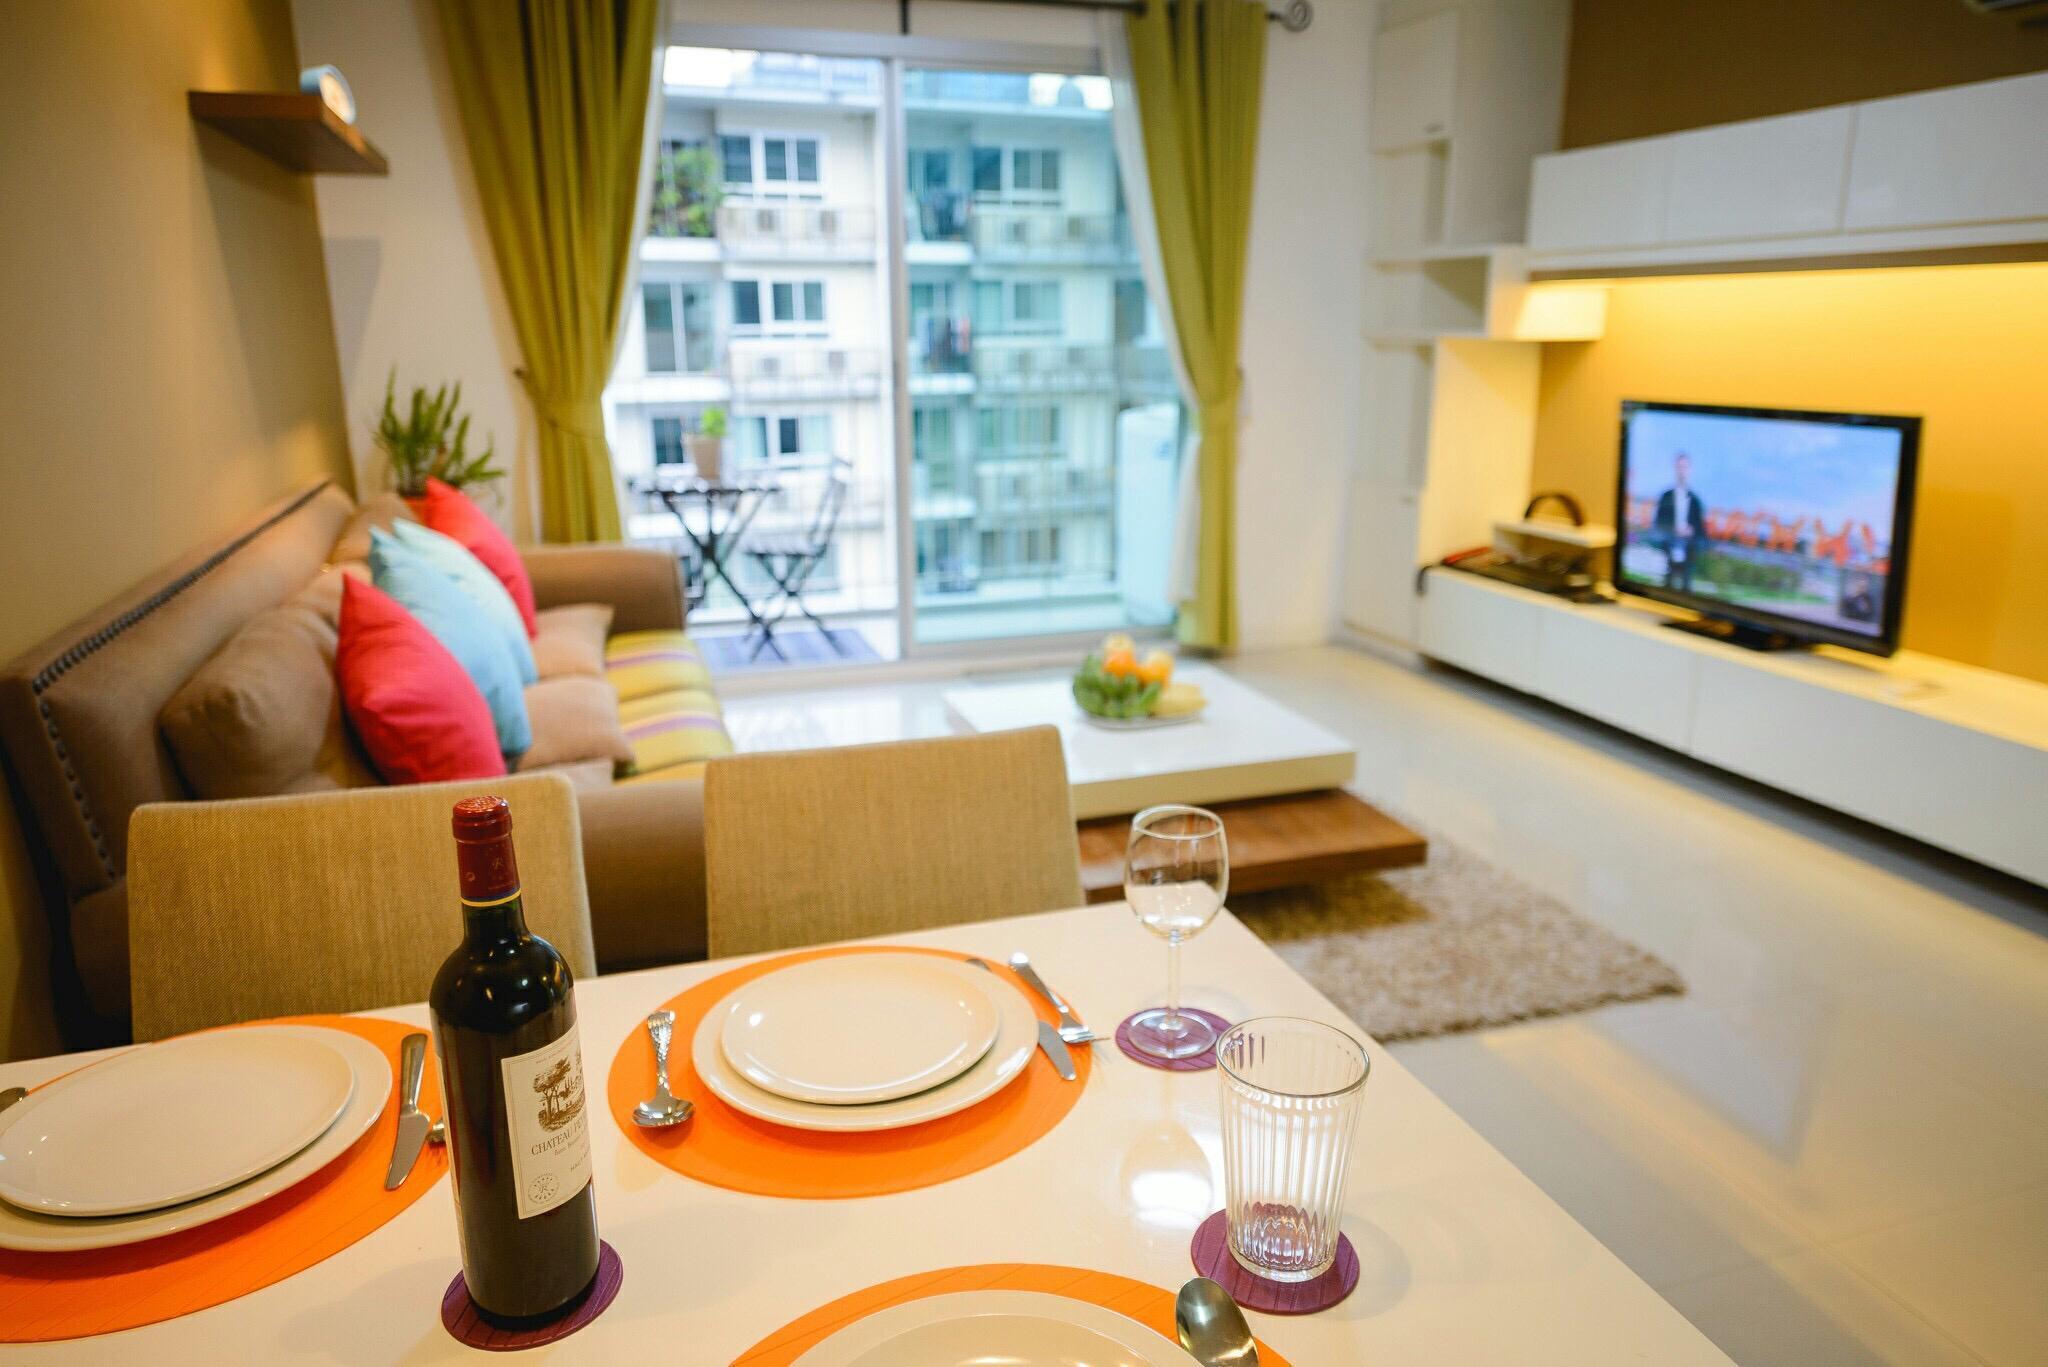 อพาร์ตเมนต์ 2 ห้องนอน 2 ห้องน้ำส่วนตัว ขนาด 73 ตร.ม. – รัชดาภิเษก